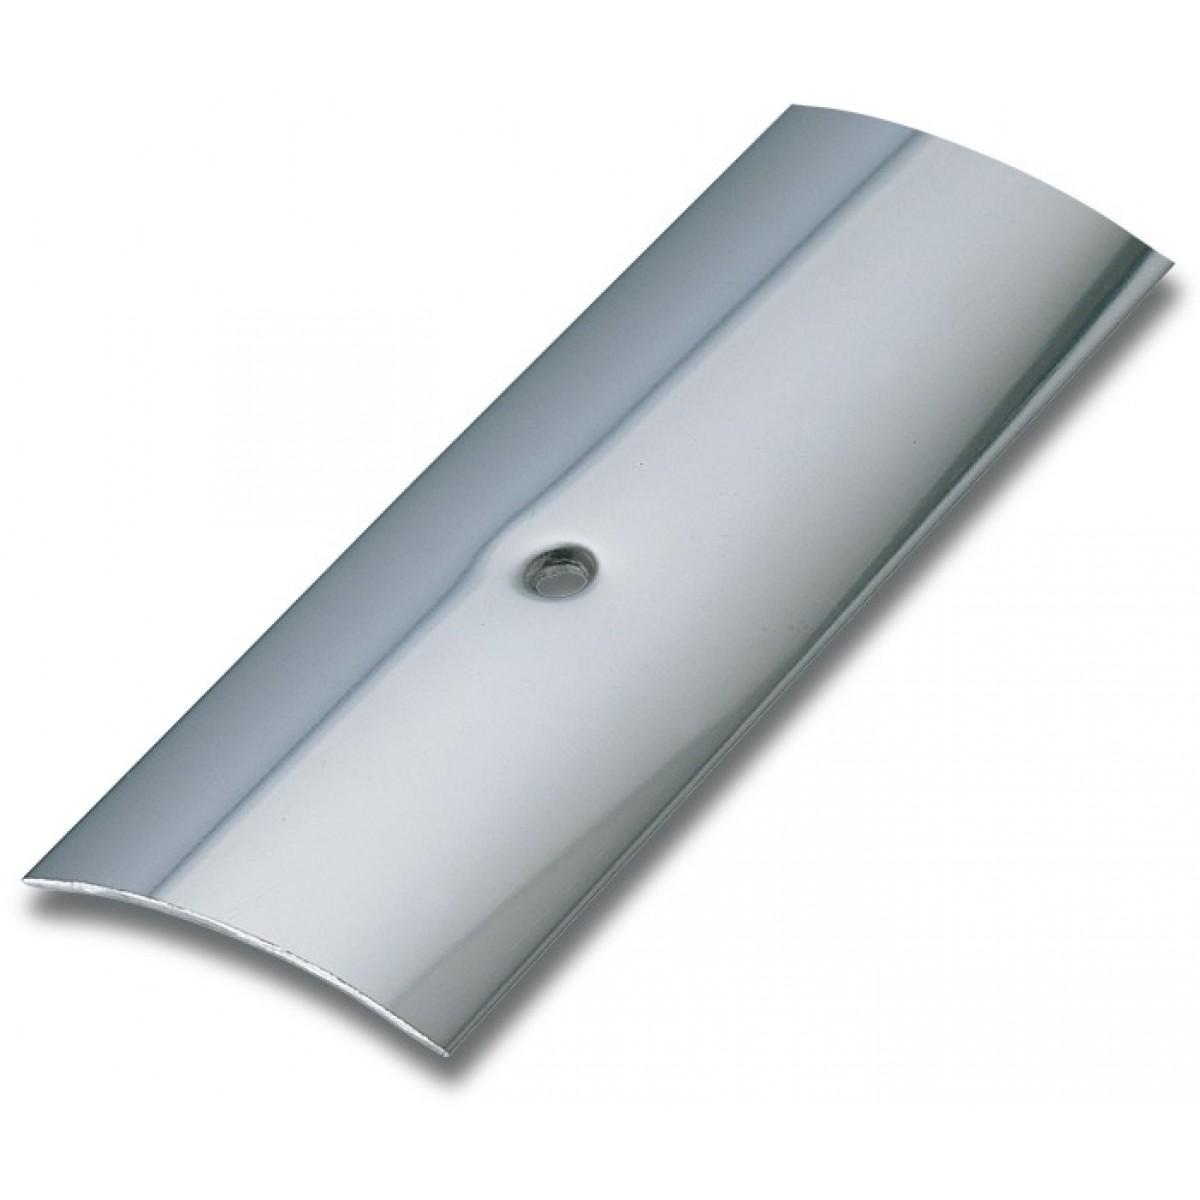 Bande de seuil adhésive inox Dinac - Longueur 93 cm - Largeur 30 mm